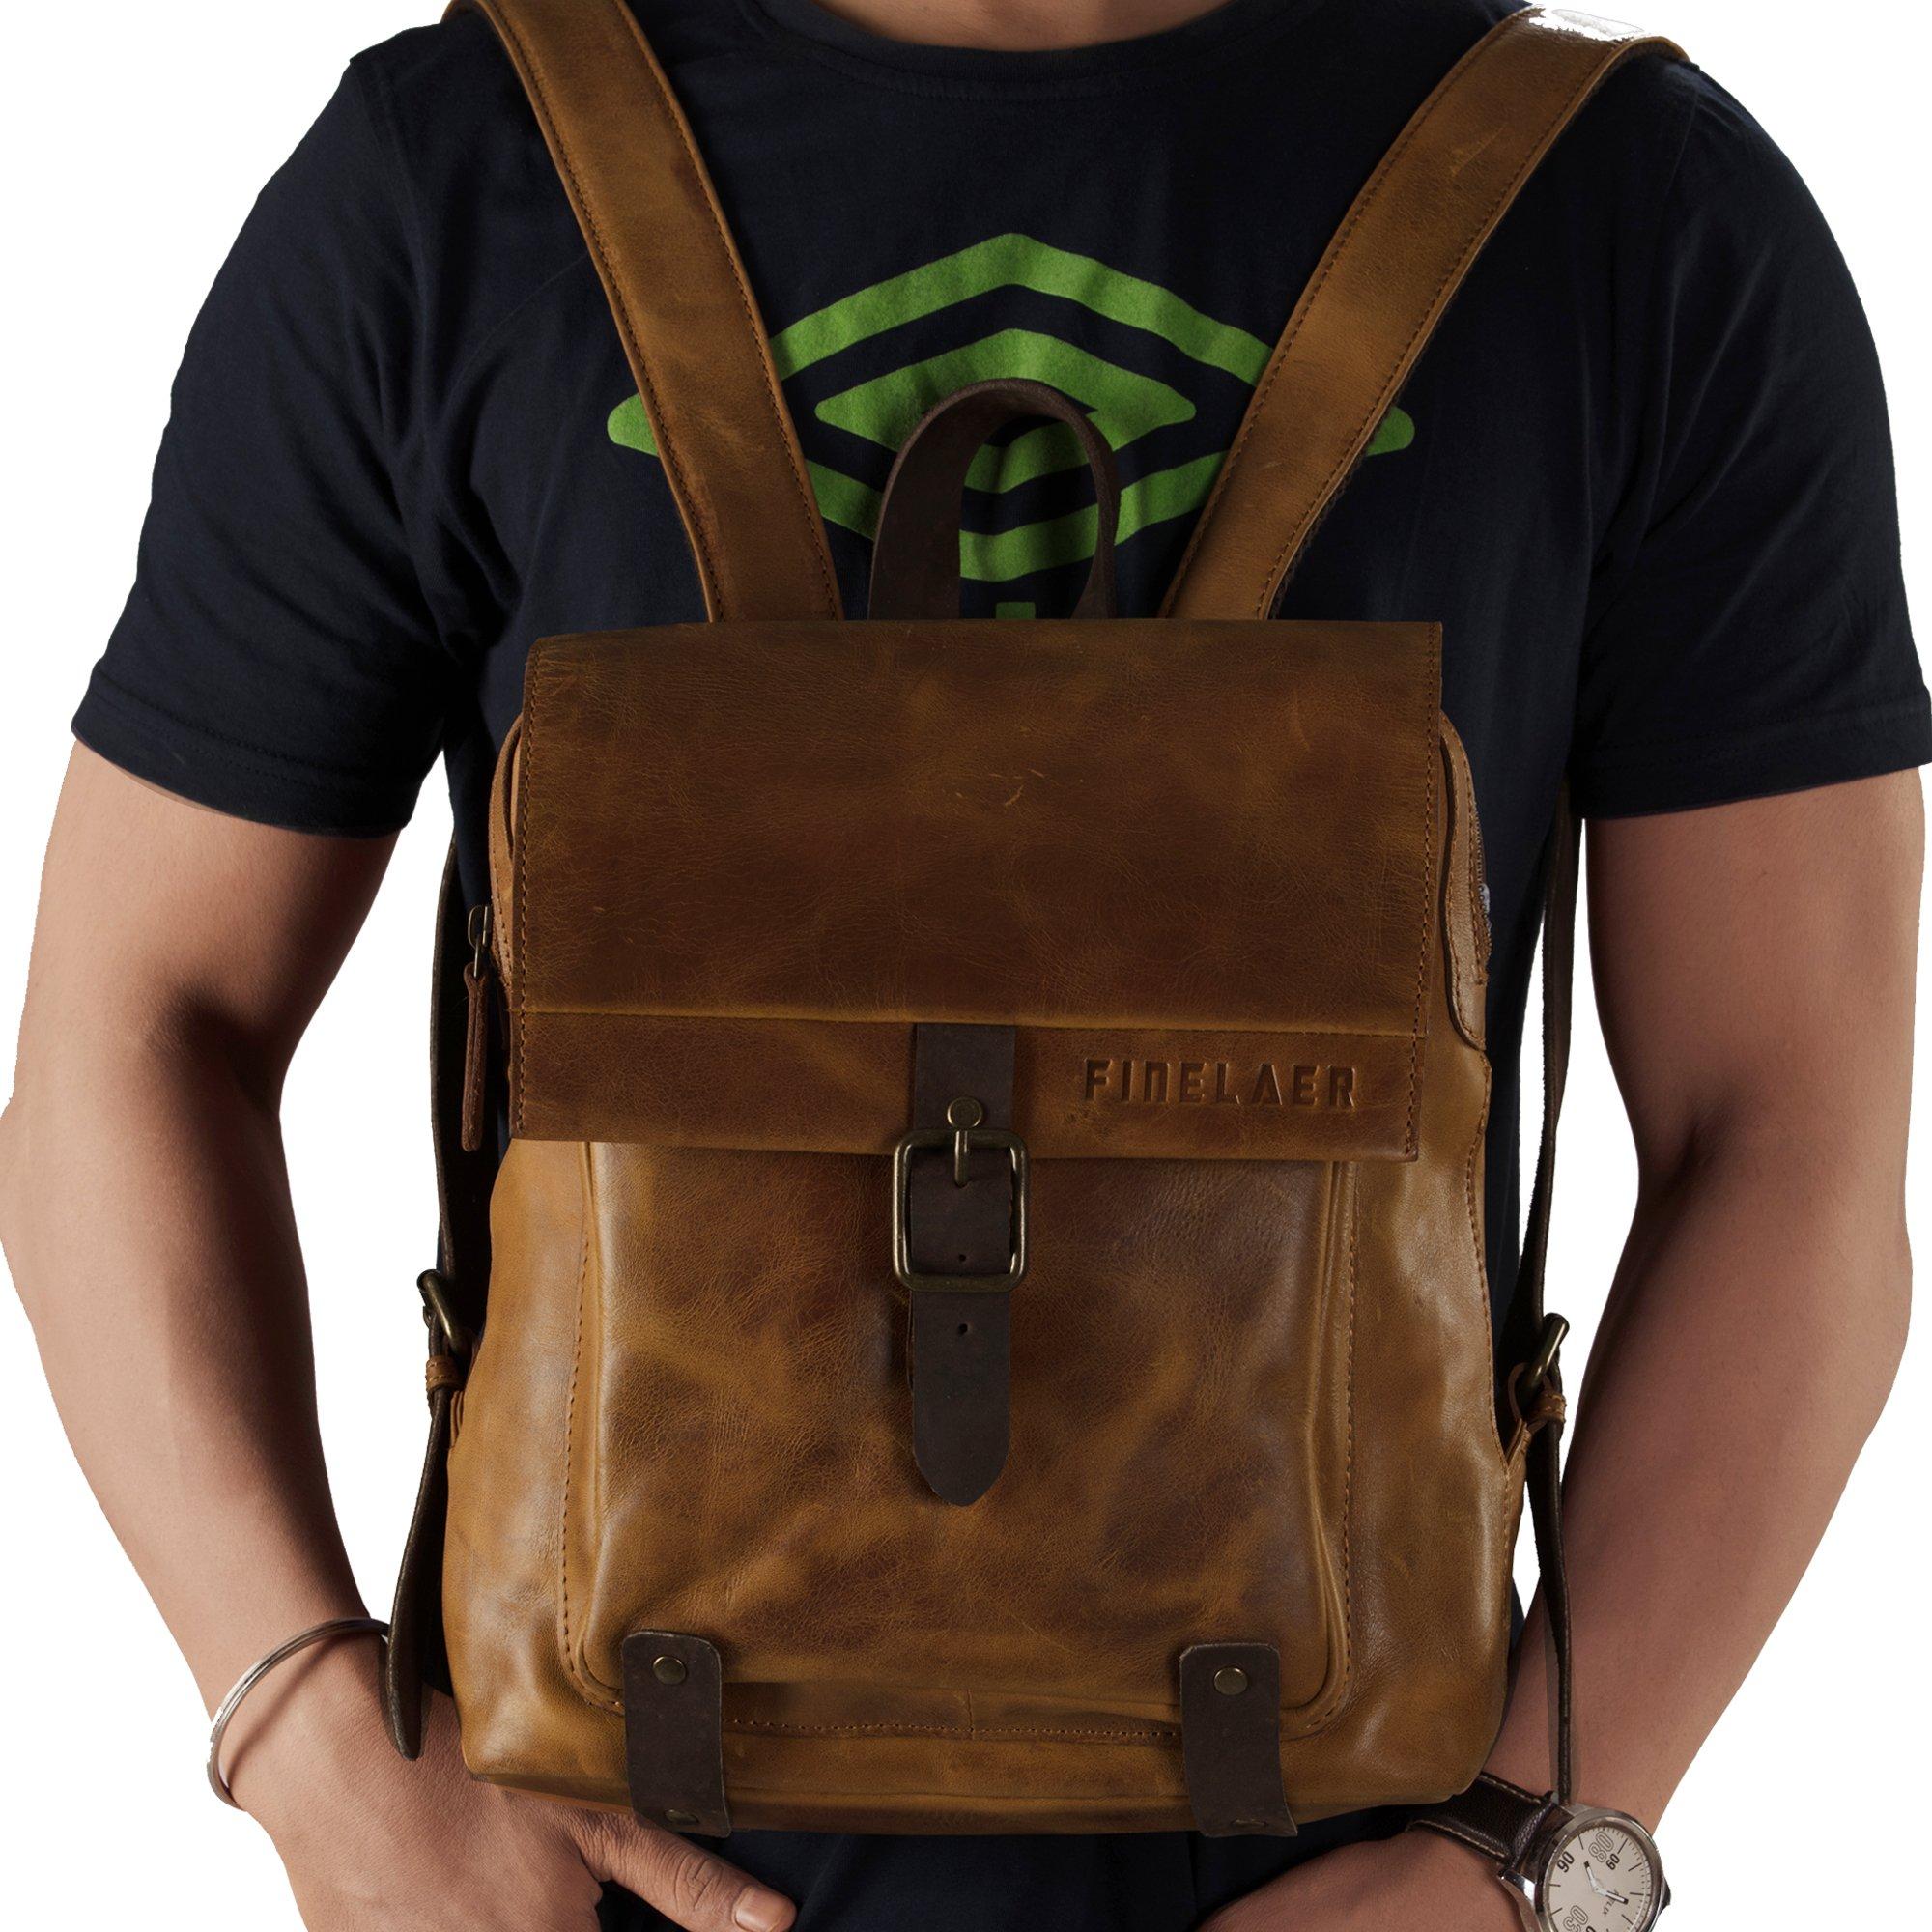 Finelaer Vintage Genuine Leather Backpack DayPack Travel College Bag Brown Men Women by FINELAER (Image #4)